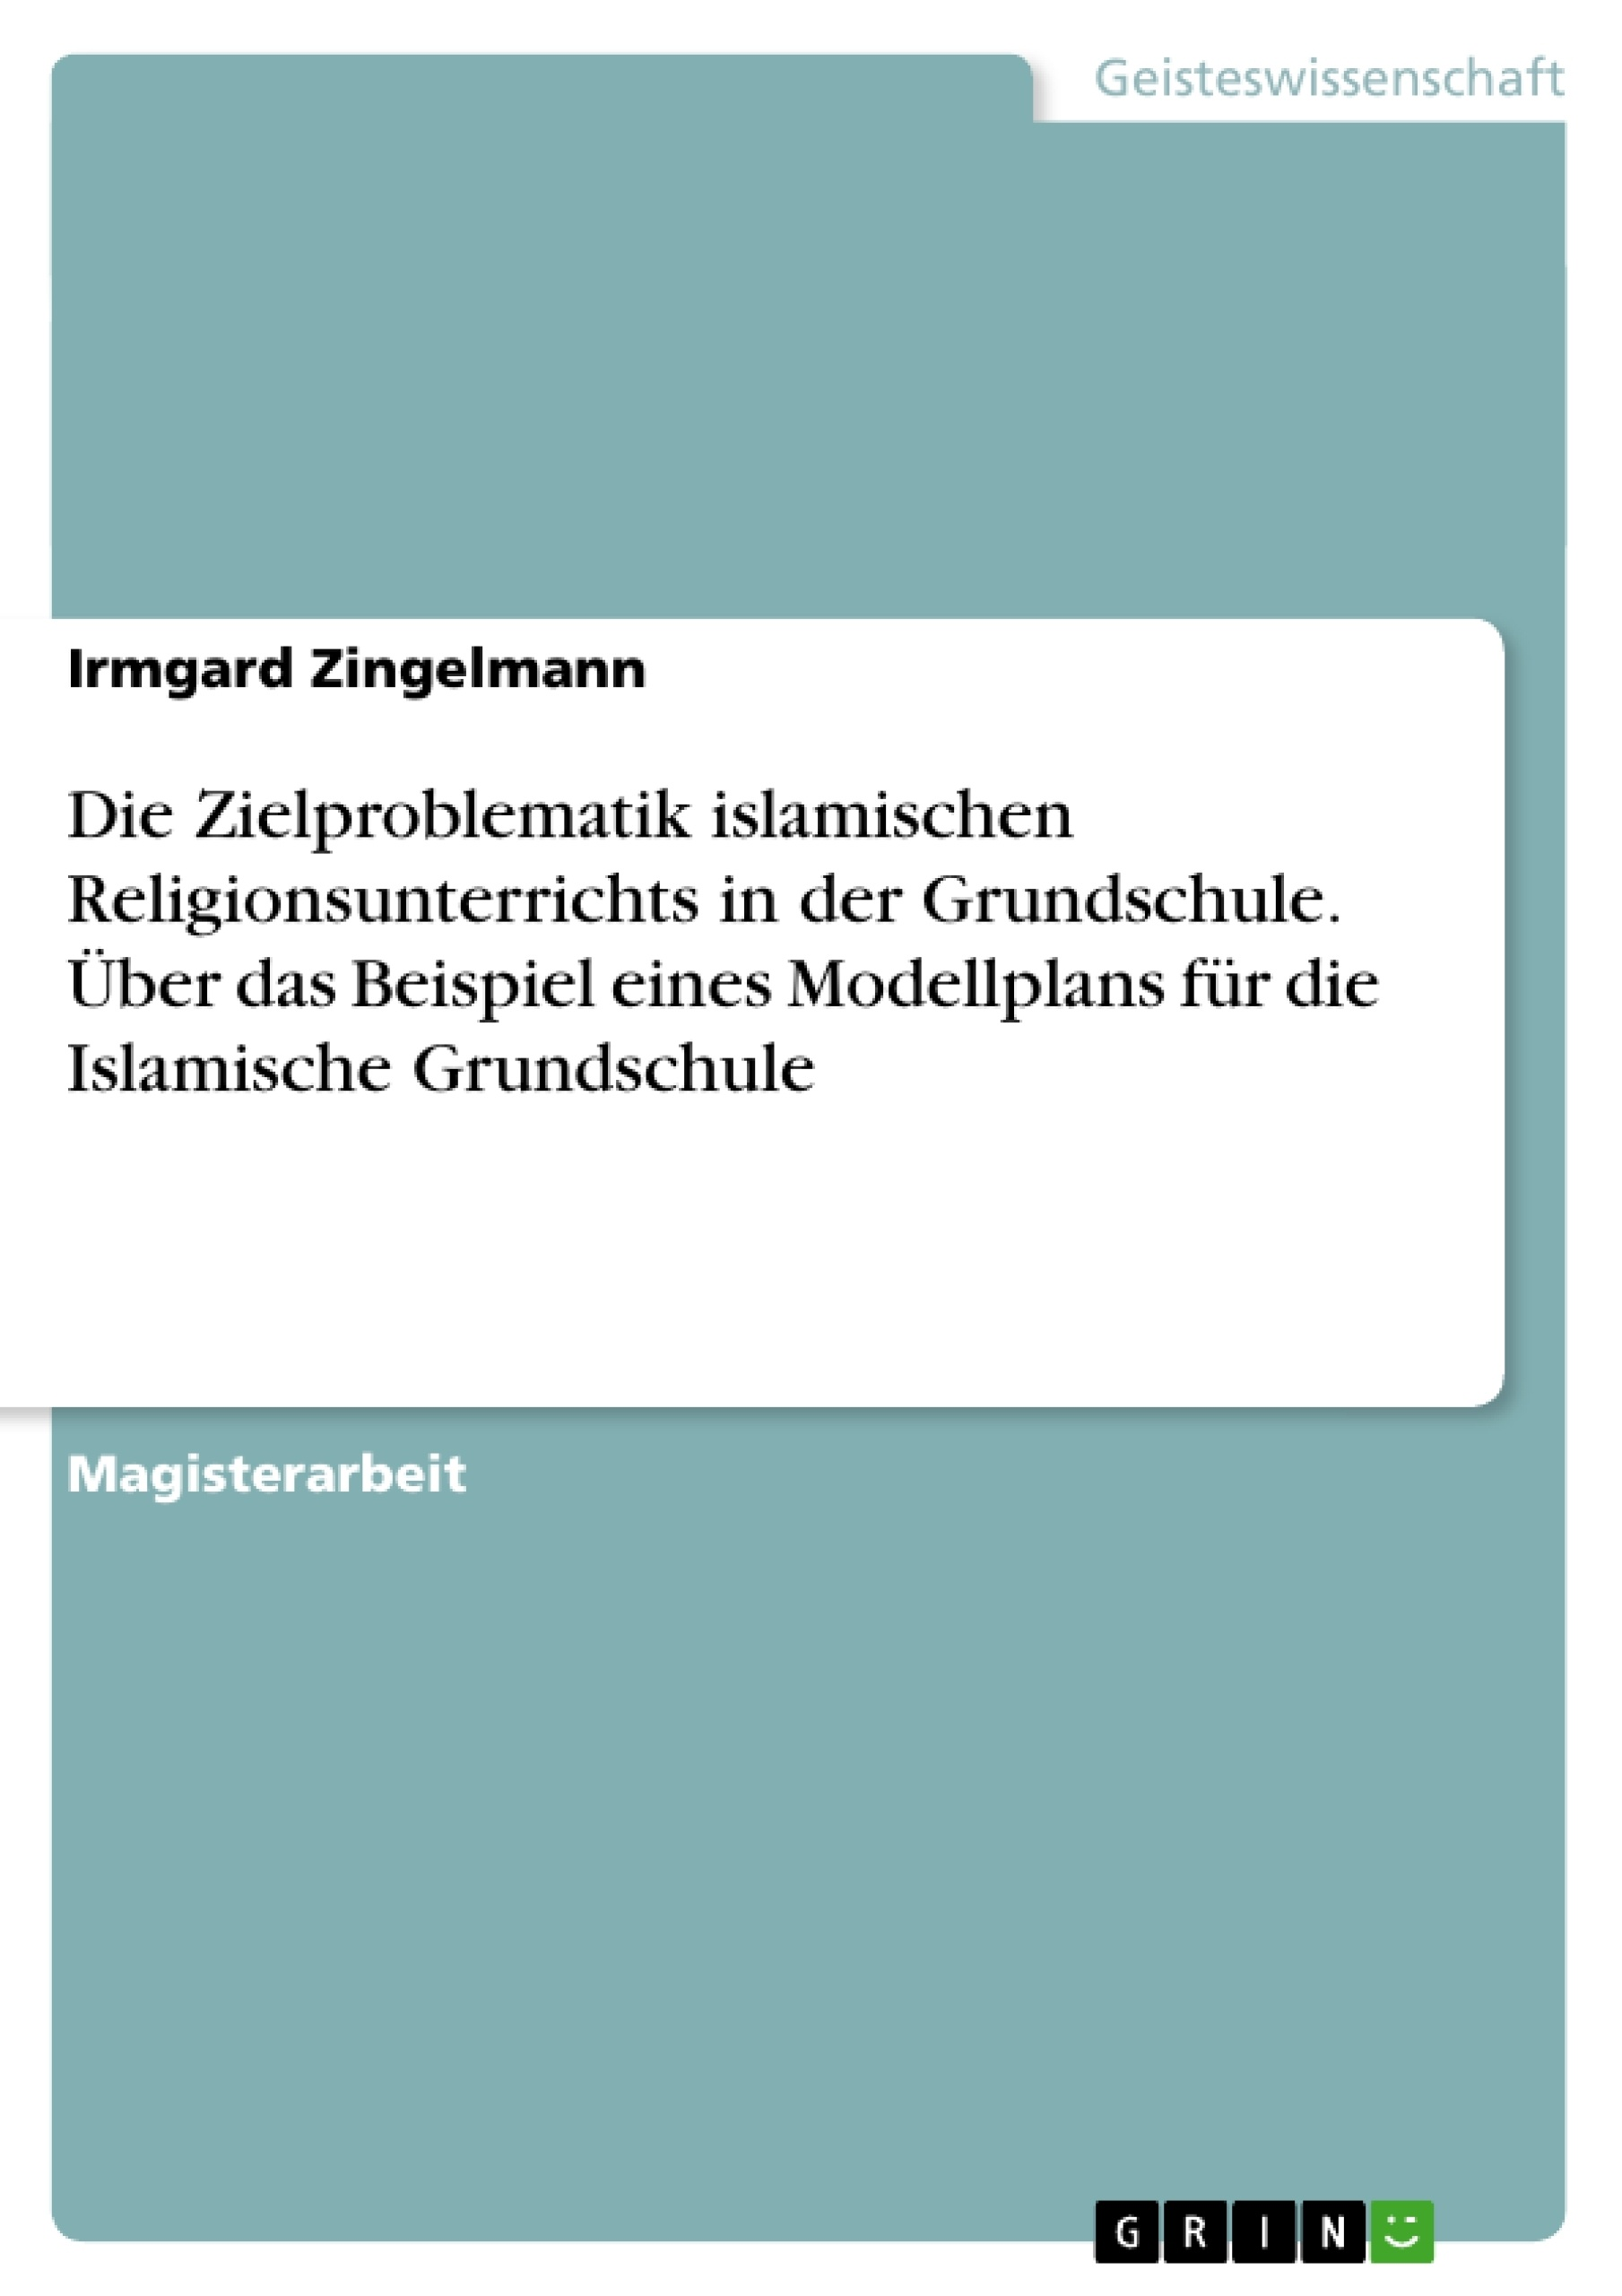 Titel: Die Zielproblematik islamischen Religionsunterrichts in der Grundschule. Über das Beispiel eines Modellplans für die Islamische Grundschule